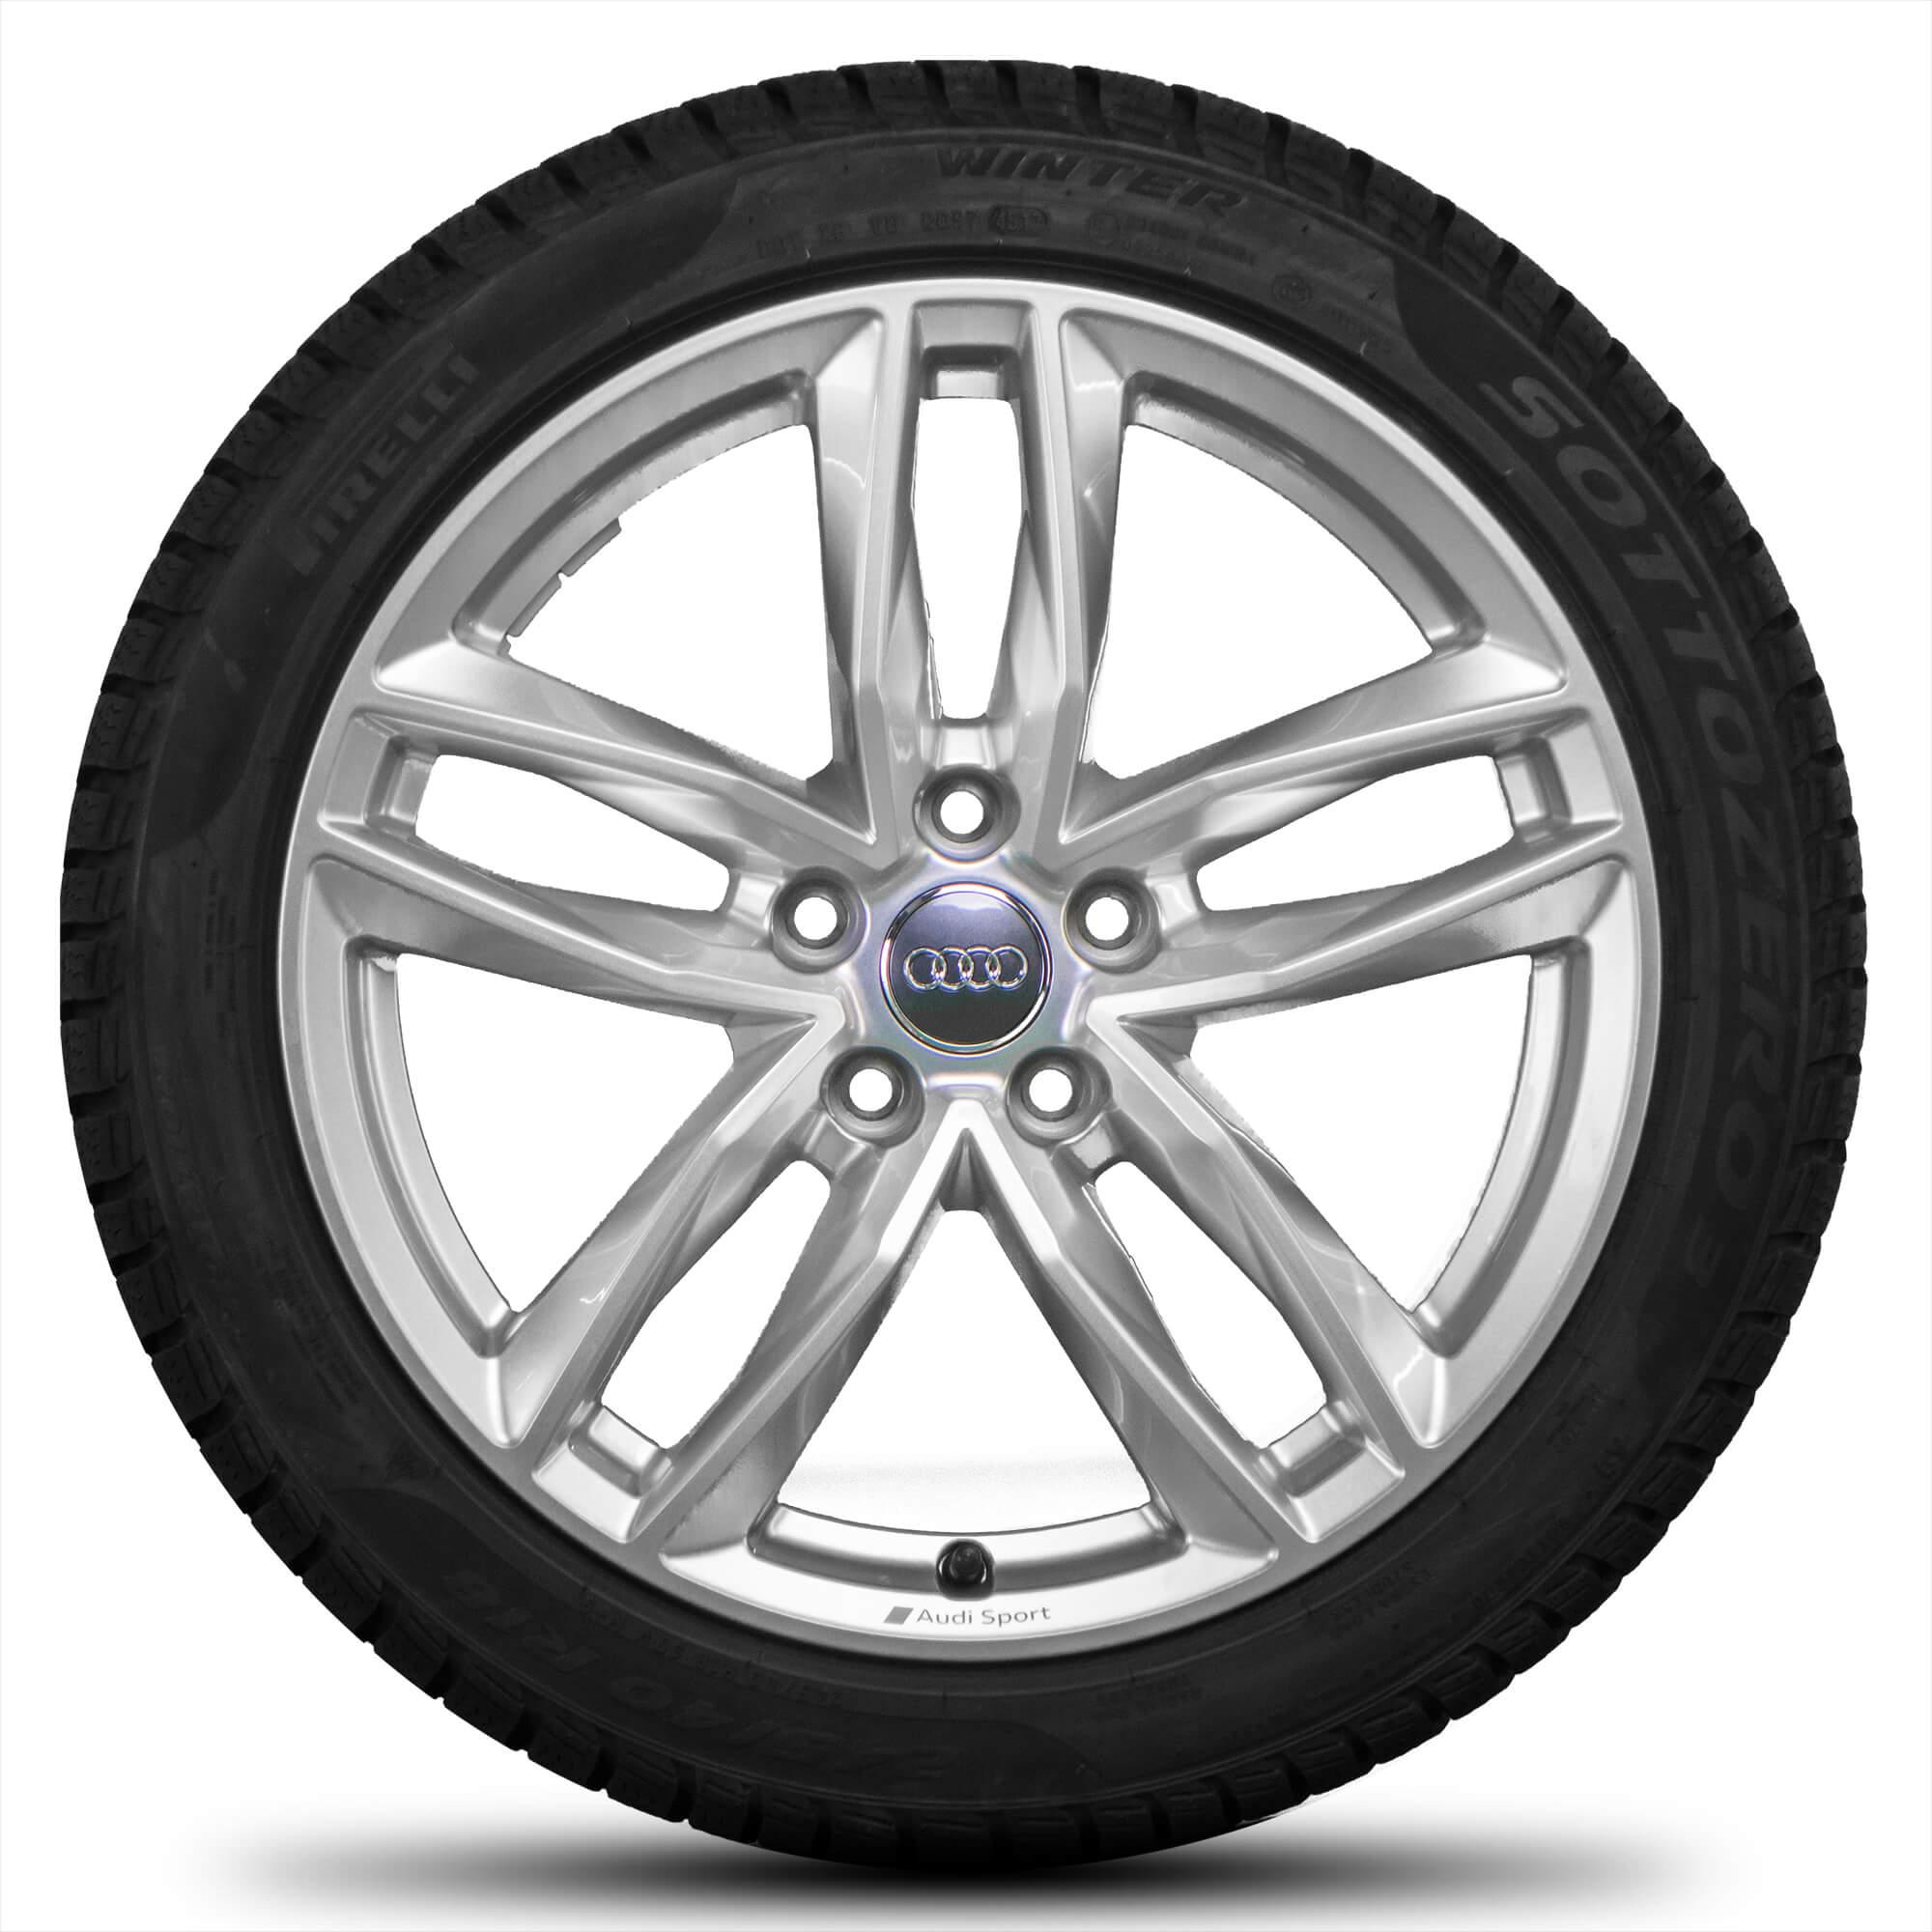 s alufelgen katalog de felge bmw 2 3er f30 f31 2013 20 Nardo RS7 Adv.1 Wheels 18966 5 doppelspeichen design audi 18 zoll felgen 2